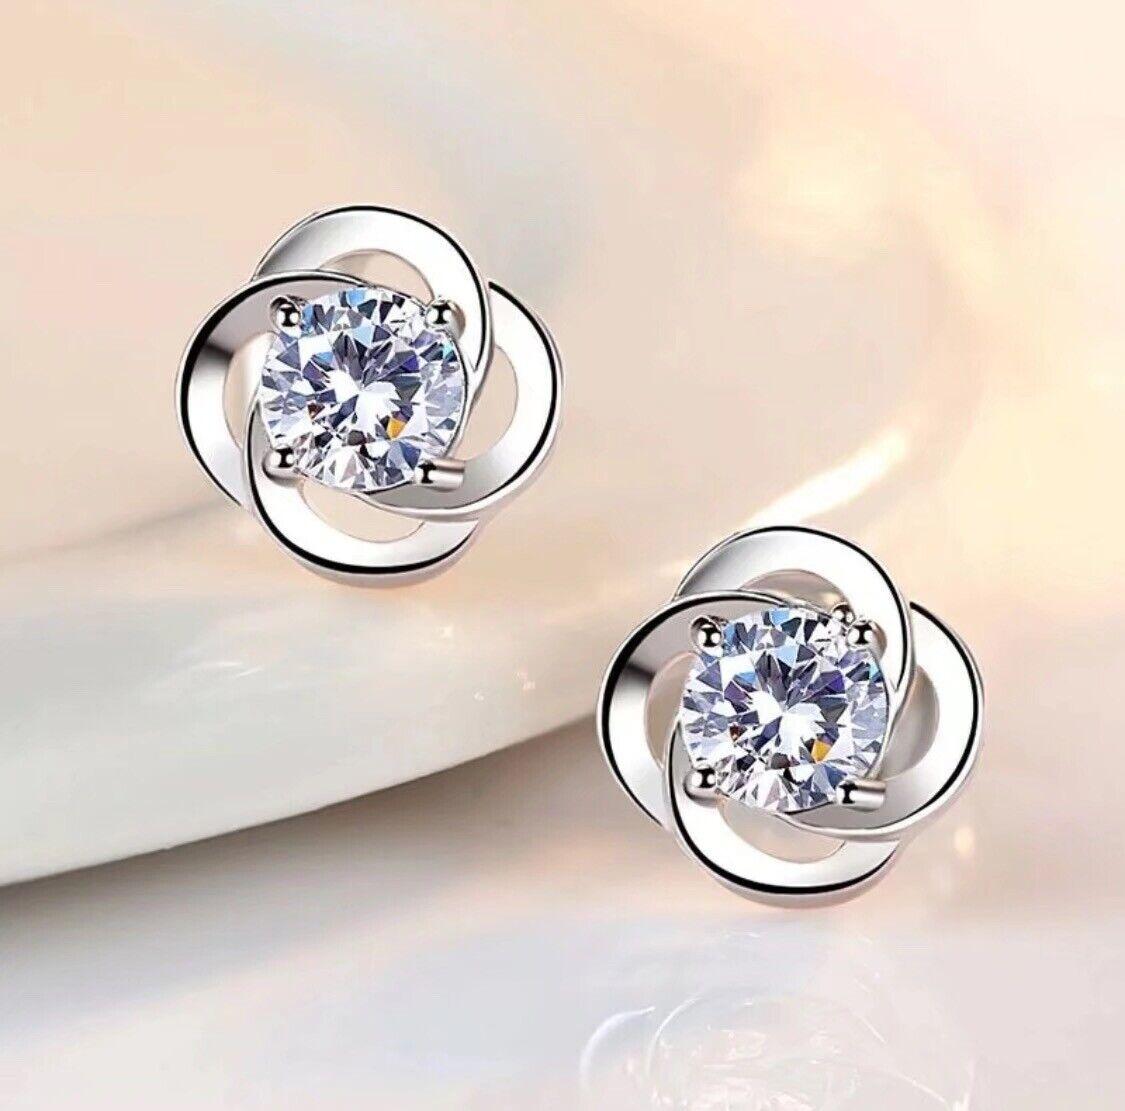 Jewellery - Crystal Swirl Stone Stud Earrings 925 Sterling Silver Women's Jewellery Gift Uk.